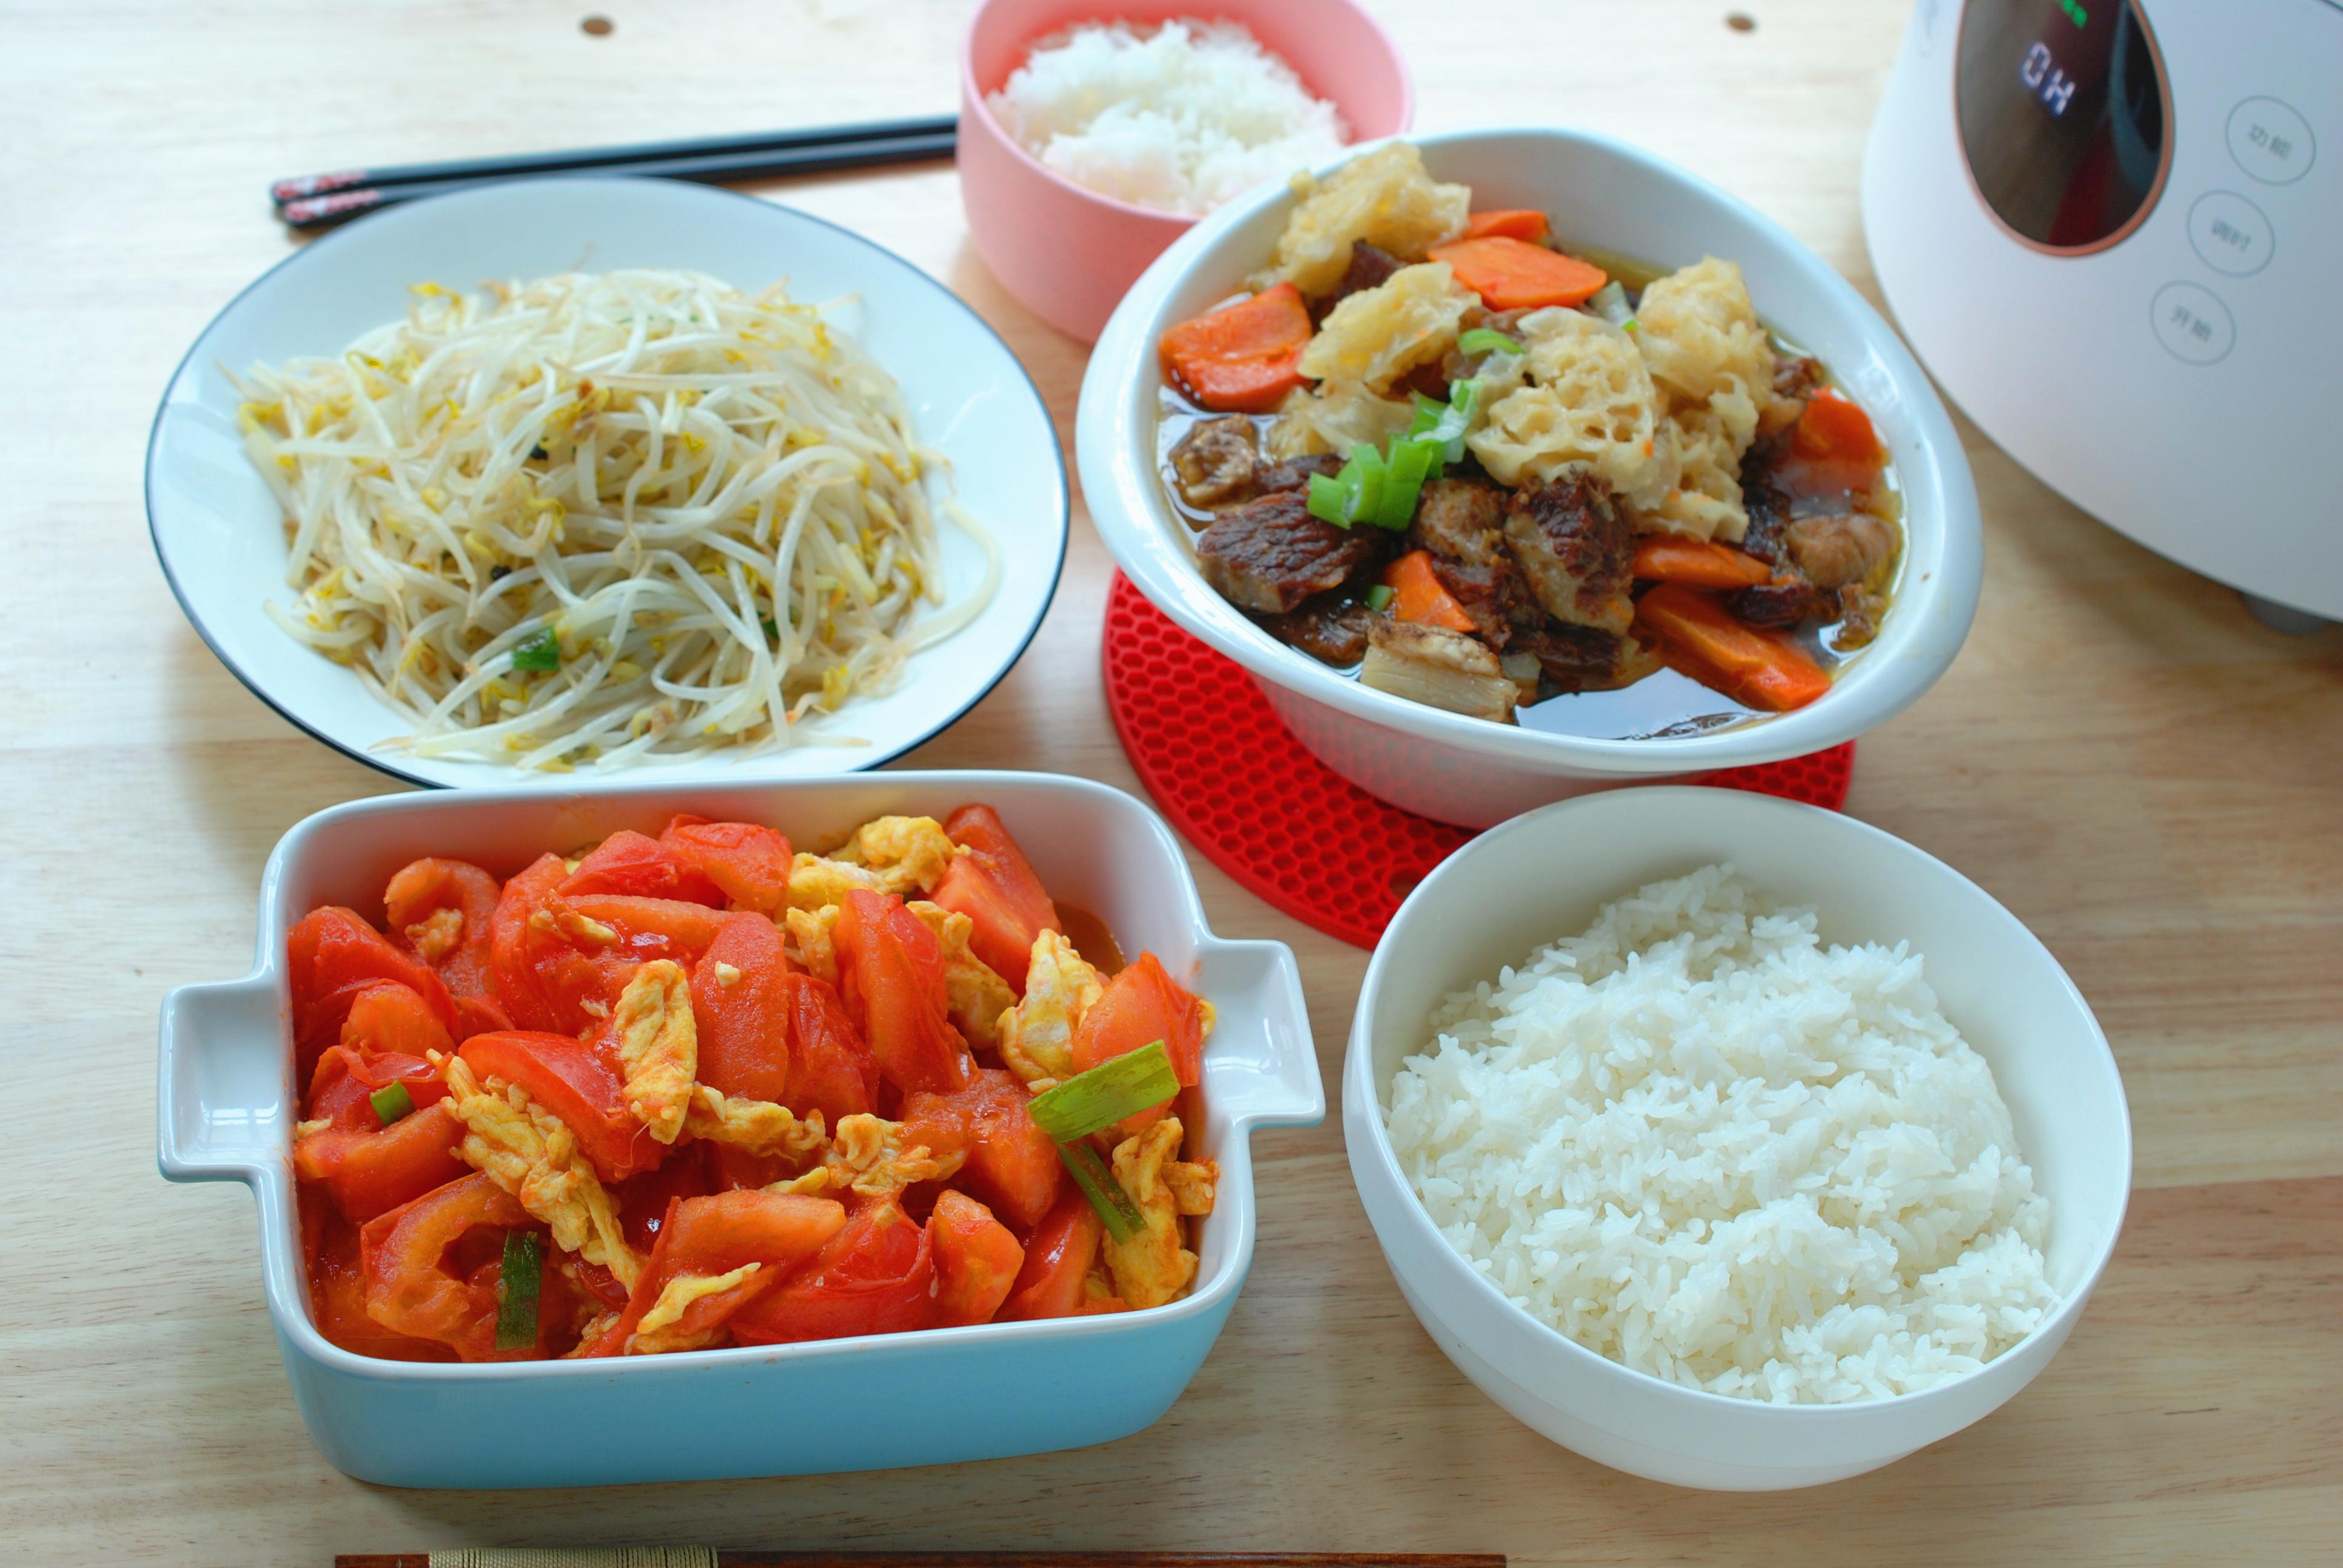 70后母子俩的午餐,3菜1主食,网友:这算丰盛还是简单?